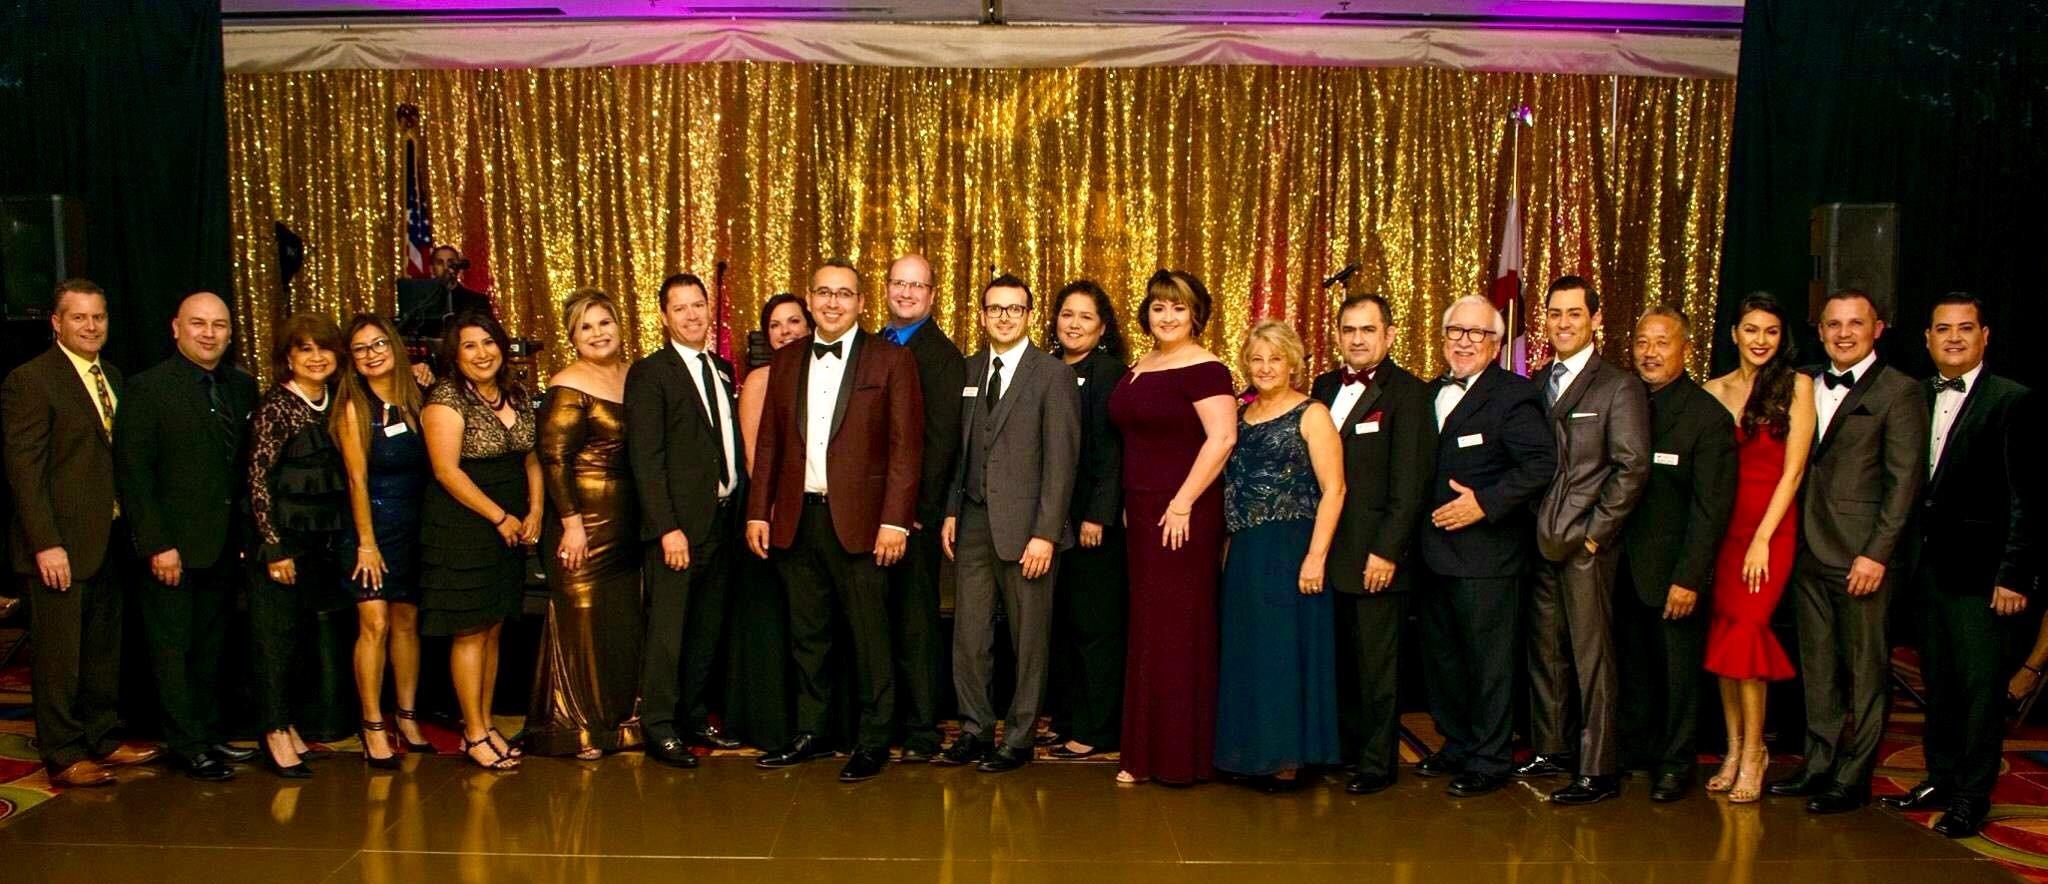 KCHCC Group Photo